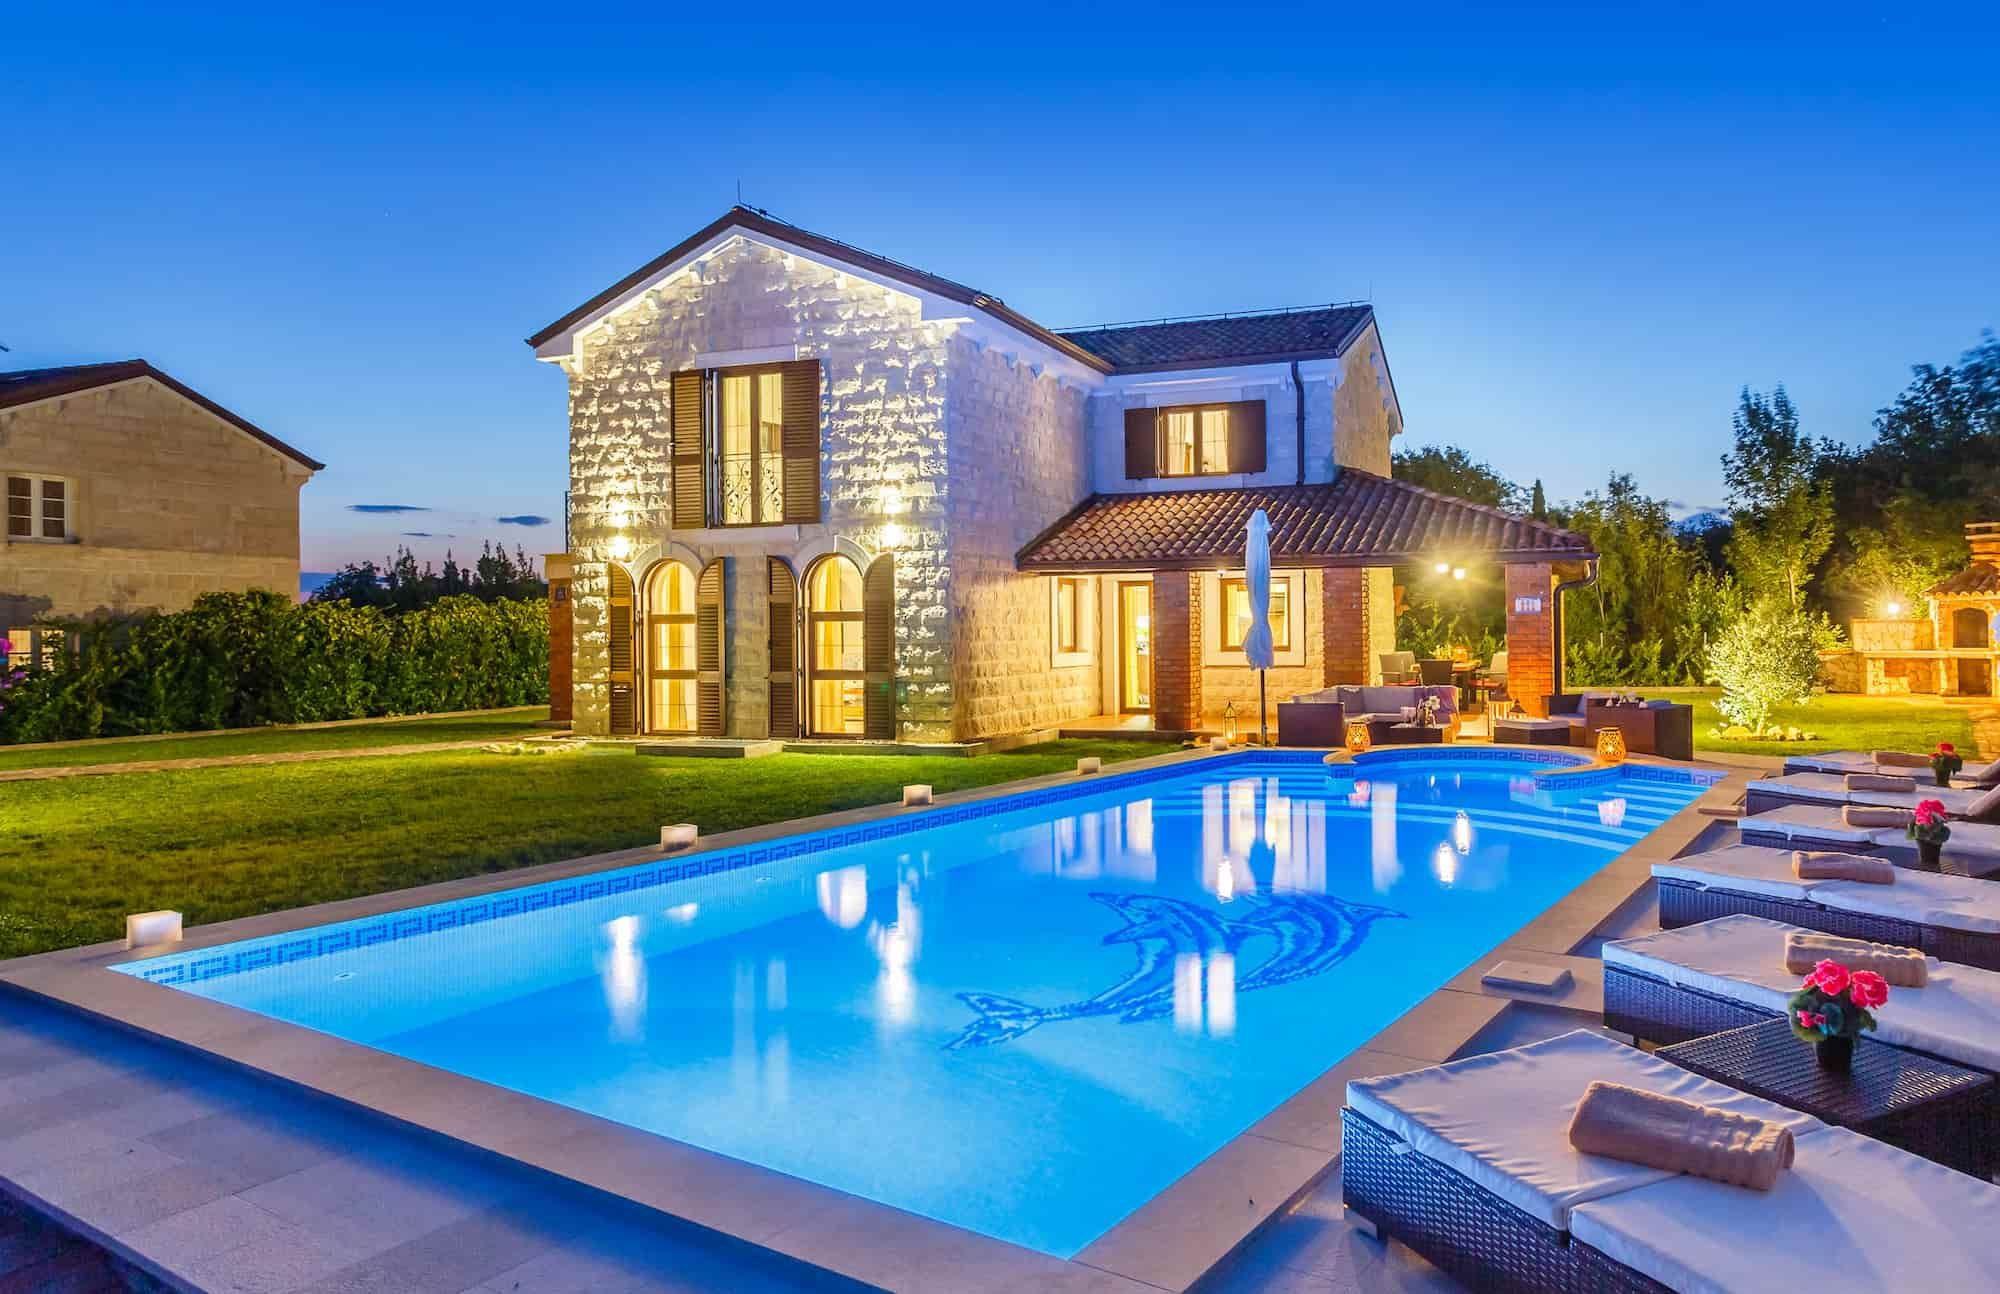 Stein Villa mit Pool und beheizter Innenpool